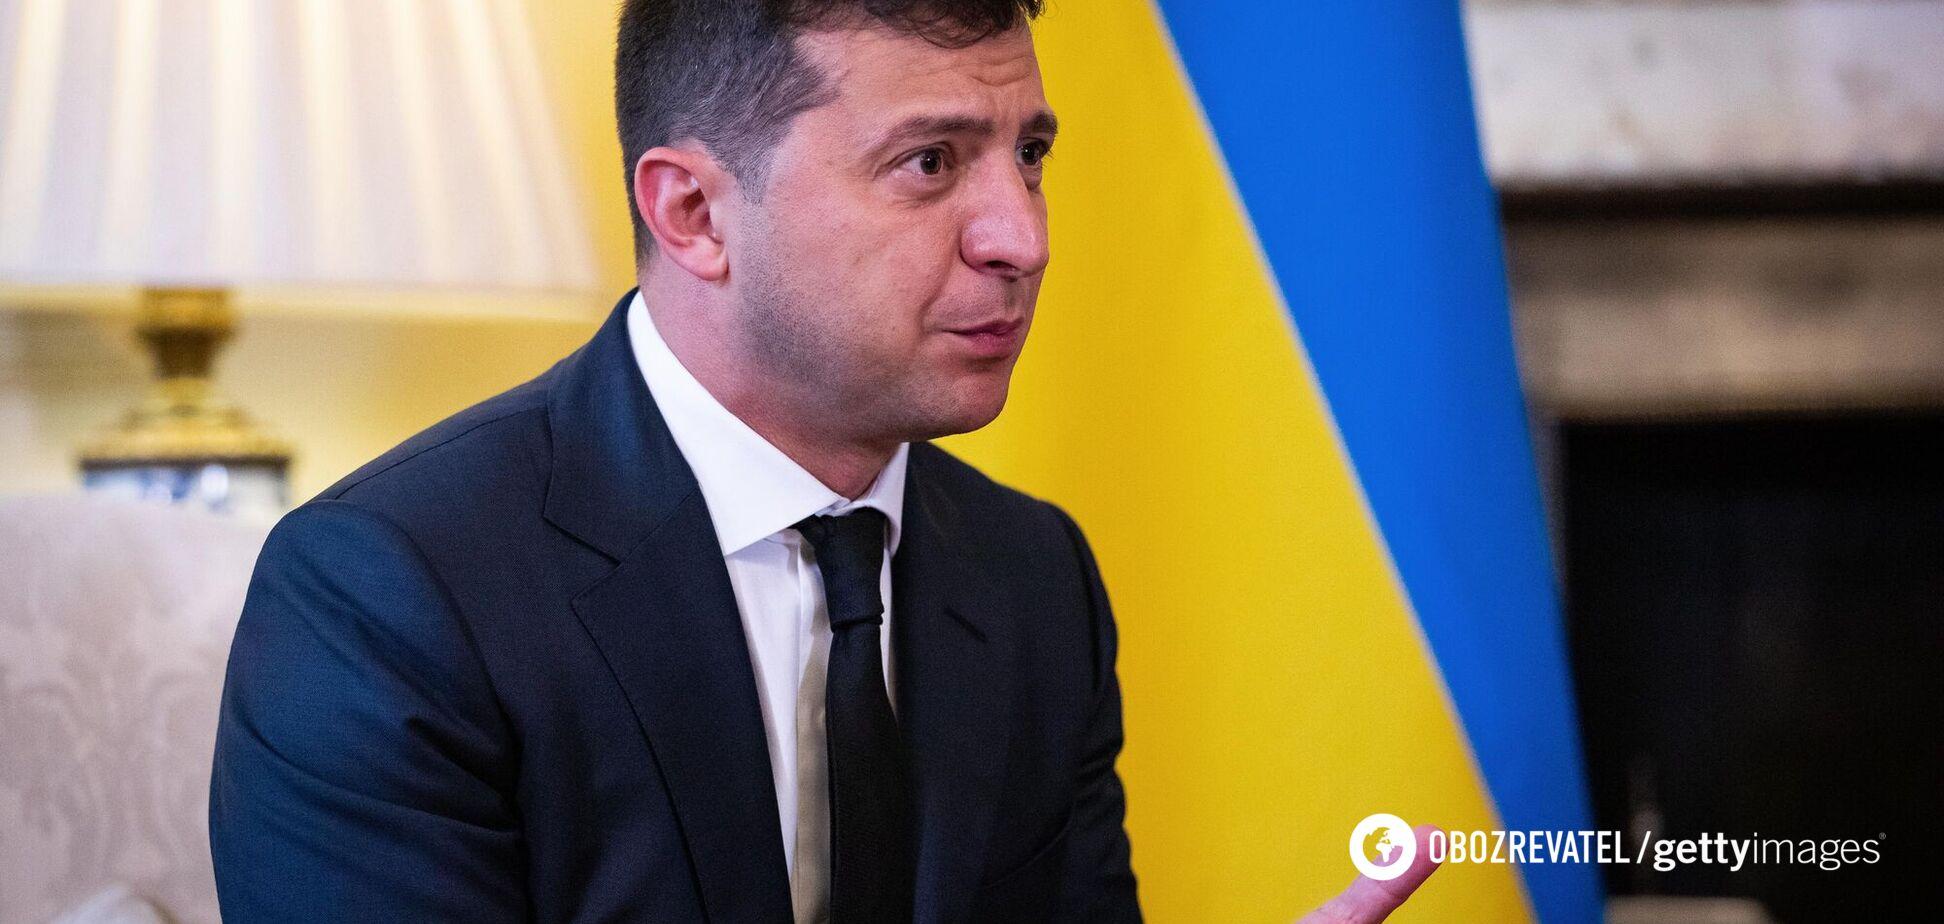 Володимир Зеленський оголосив про всенародне опитування